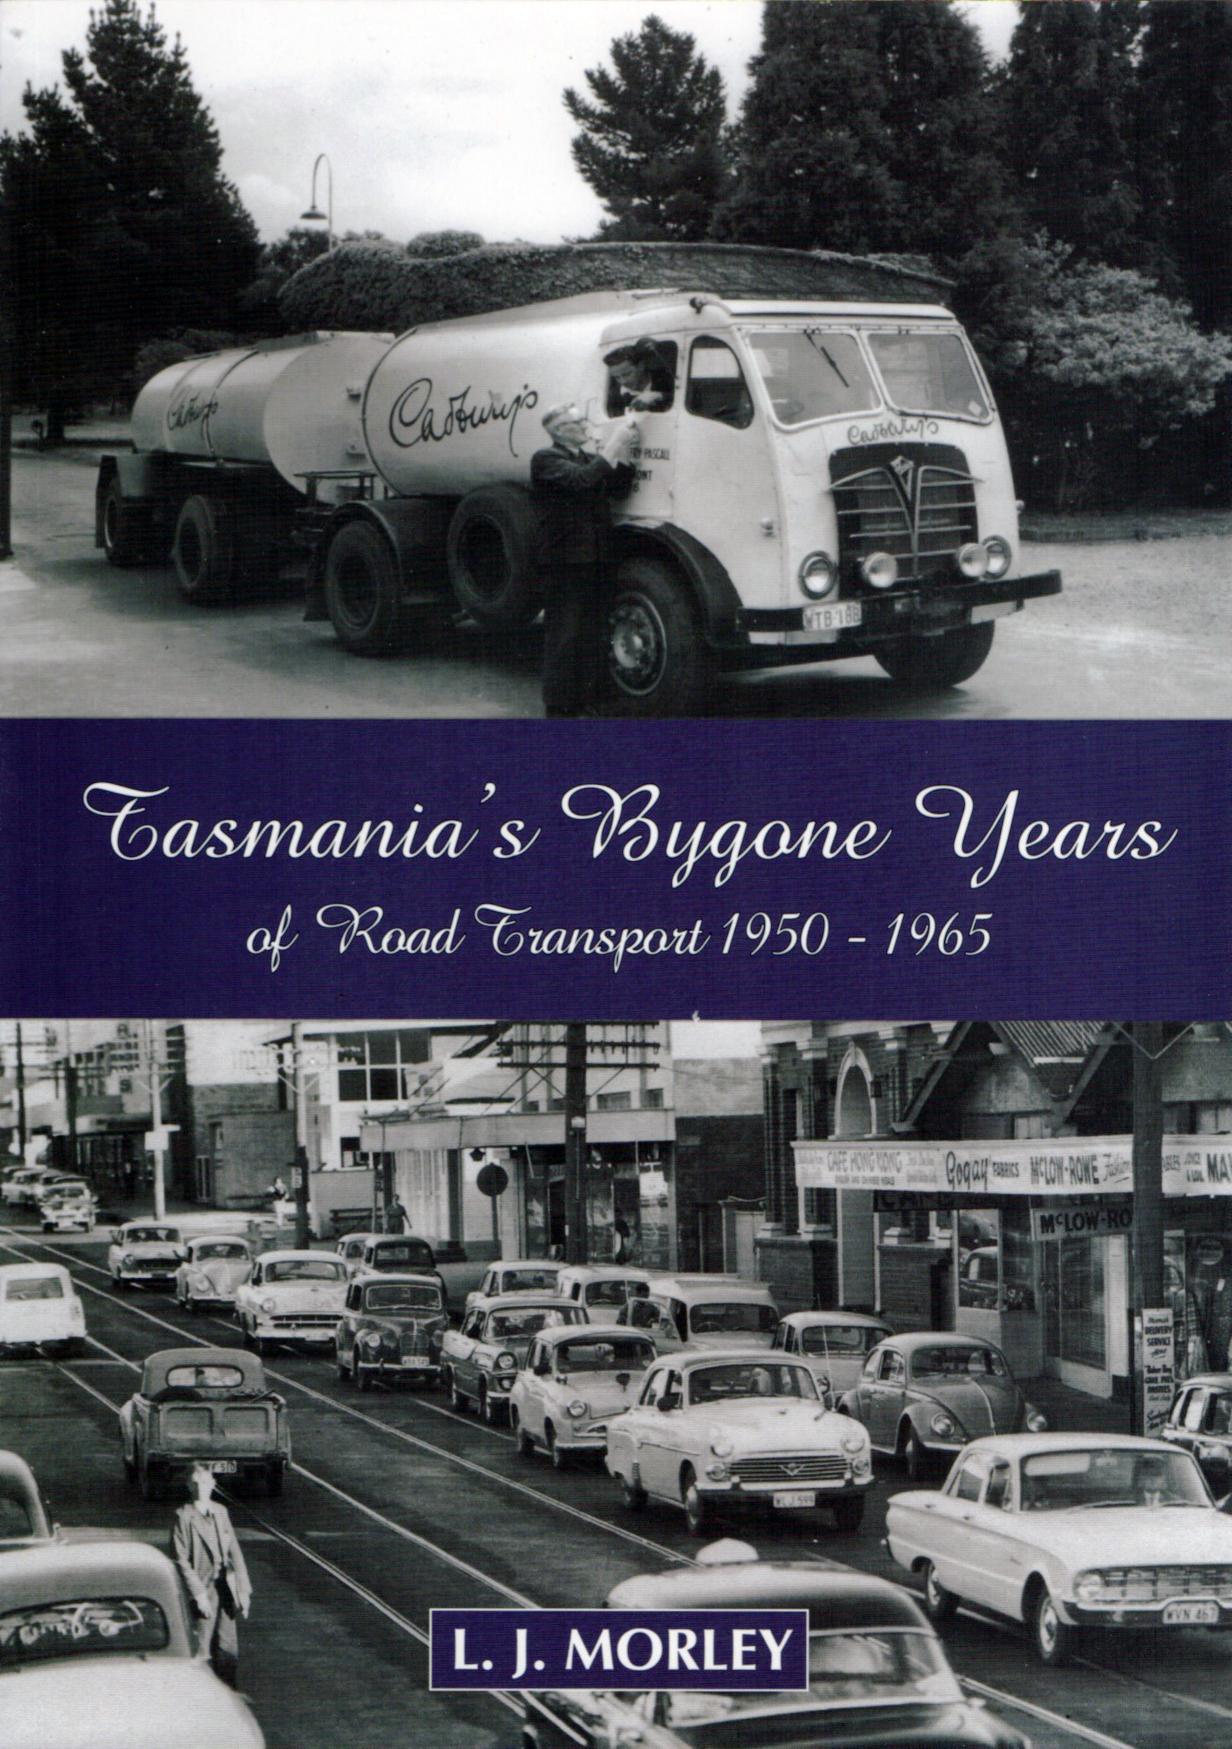 Tasmania's Bygone Years of Road Transport 1950 - 1965